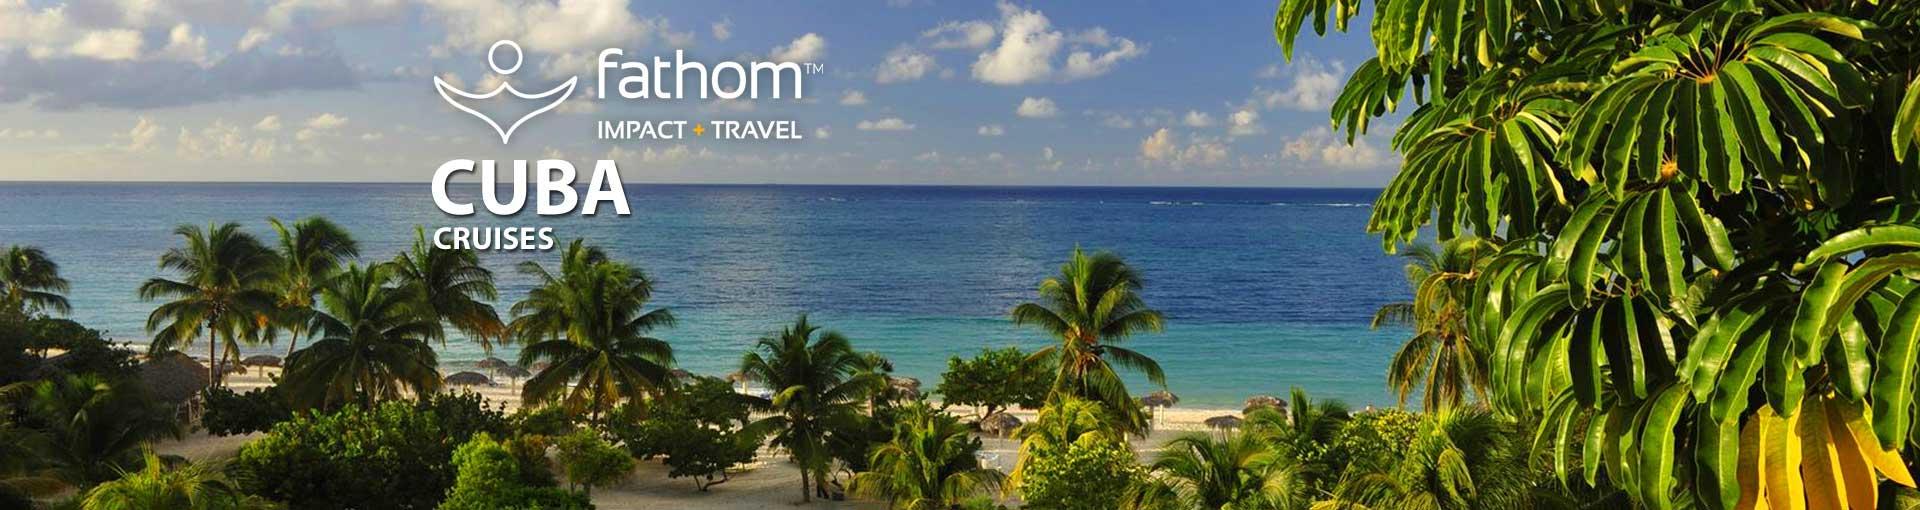 Fathom Cuba Cruises